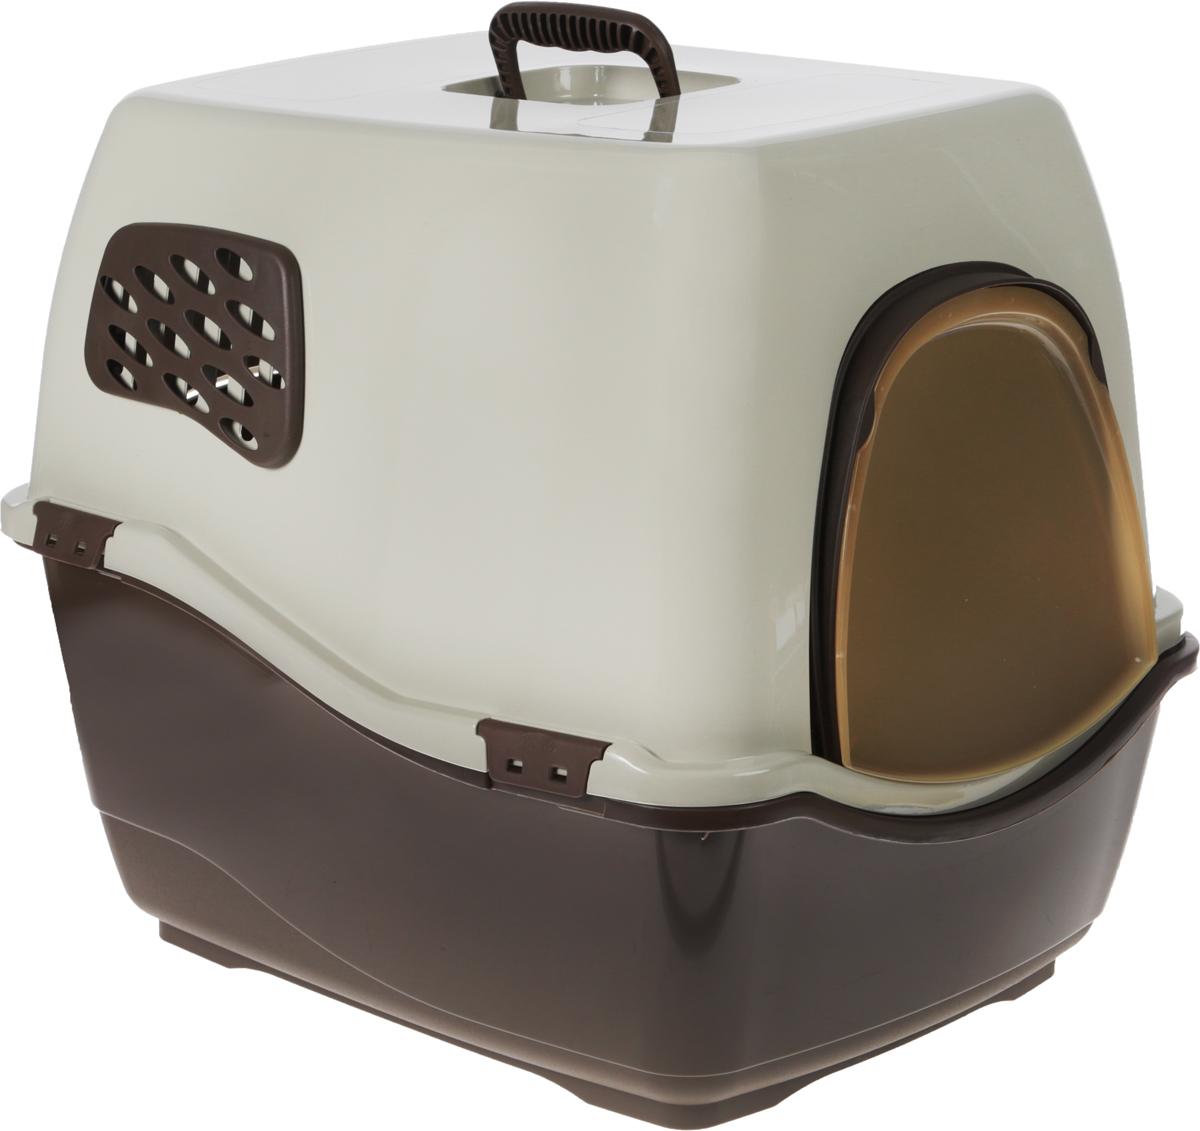 Био-туалет для кошек Marchioro Bill 2F, цвет: коричневый, бежевый, 57 х 45 х 48 см1065102300824Пластиковый био-туалет поможет защитить дом от неприятных запахов и придется по нраву даже самым привередливым питомцам. Закрытый био-туалет Marchioro Bill 2F с угольным фильтром препятствует распространению неприятных запахов.Подвижная передняя створка позволяет животному самостоятельно пользоваться туалетом.В комплект входит фильтр, дверка и ручка. Фильтр необходимо менять каждые 3-6 месяцев. Размер 57 х 45 х 48 см.